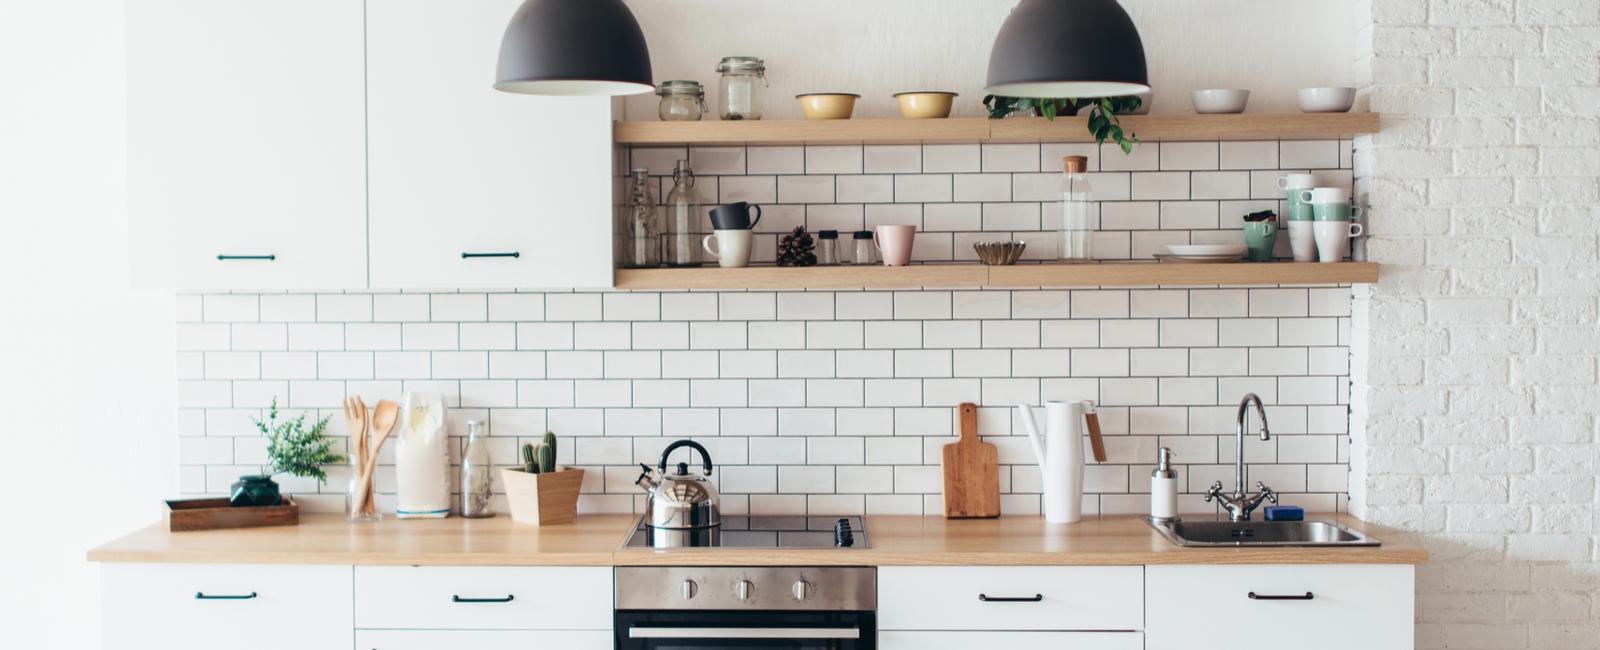 Plan De Travail 1M De Largeur quelles sont les dimensions standards d'une cuisine, d'un